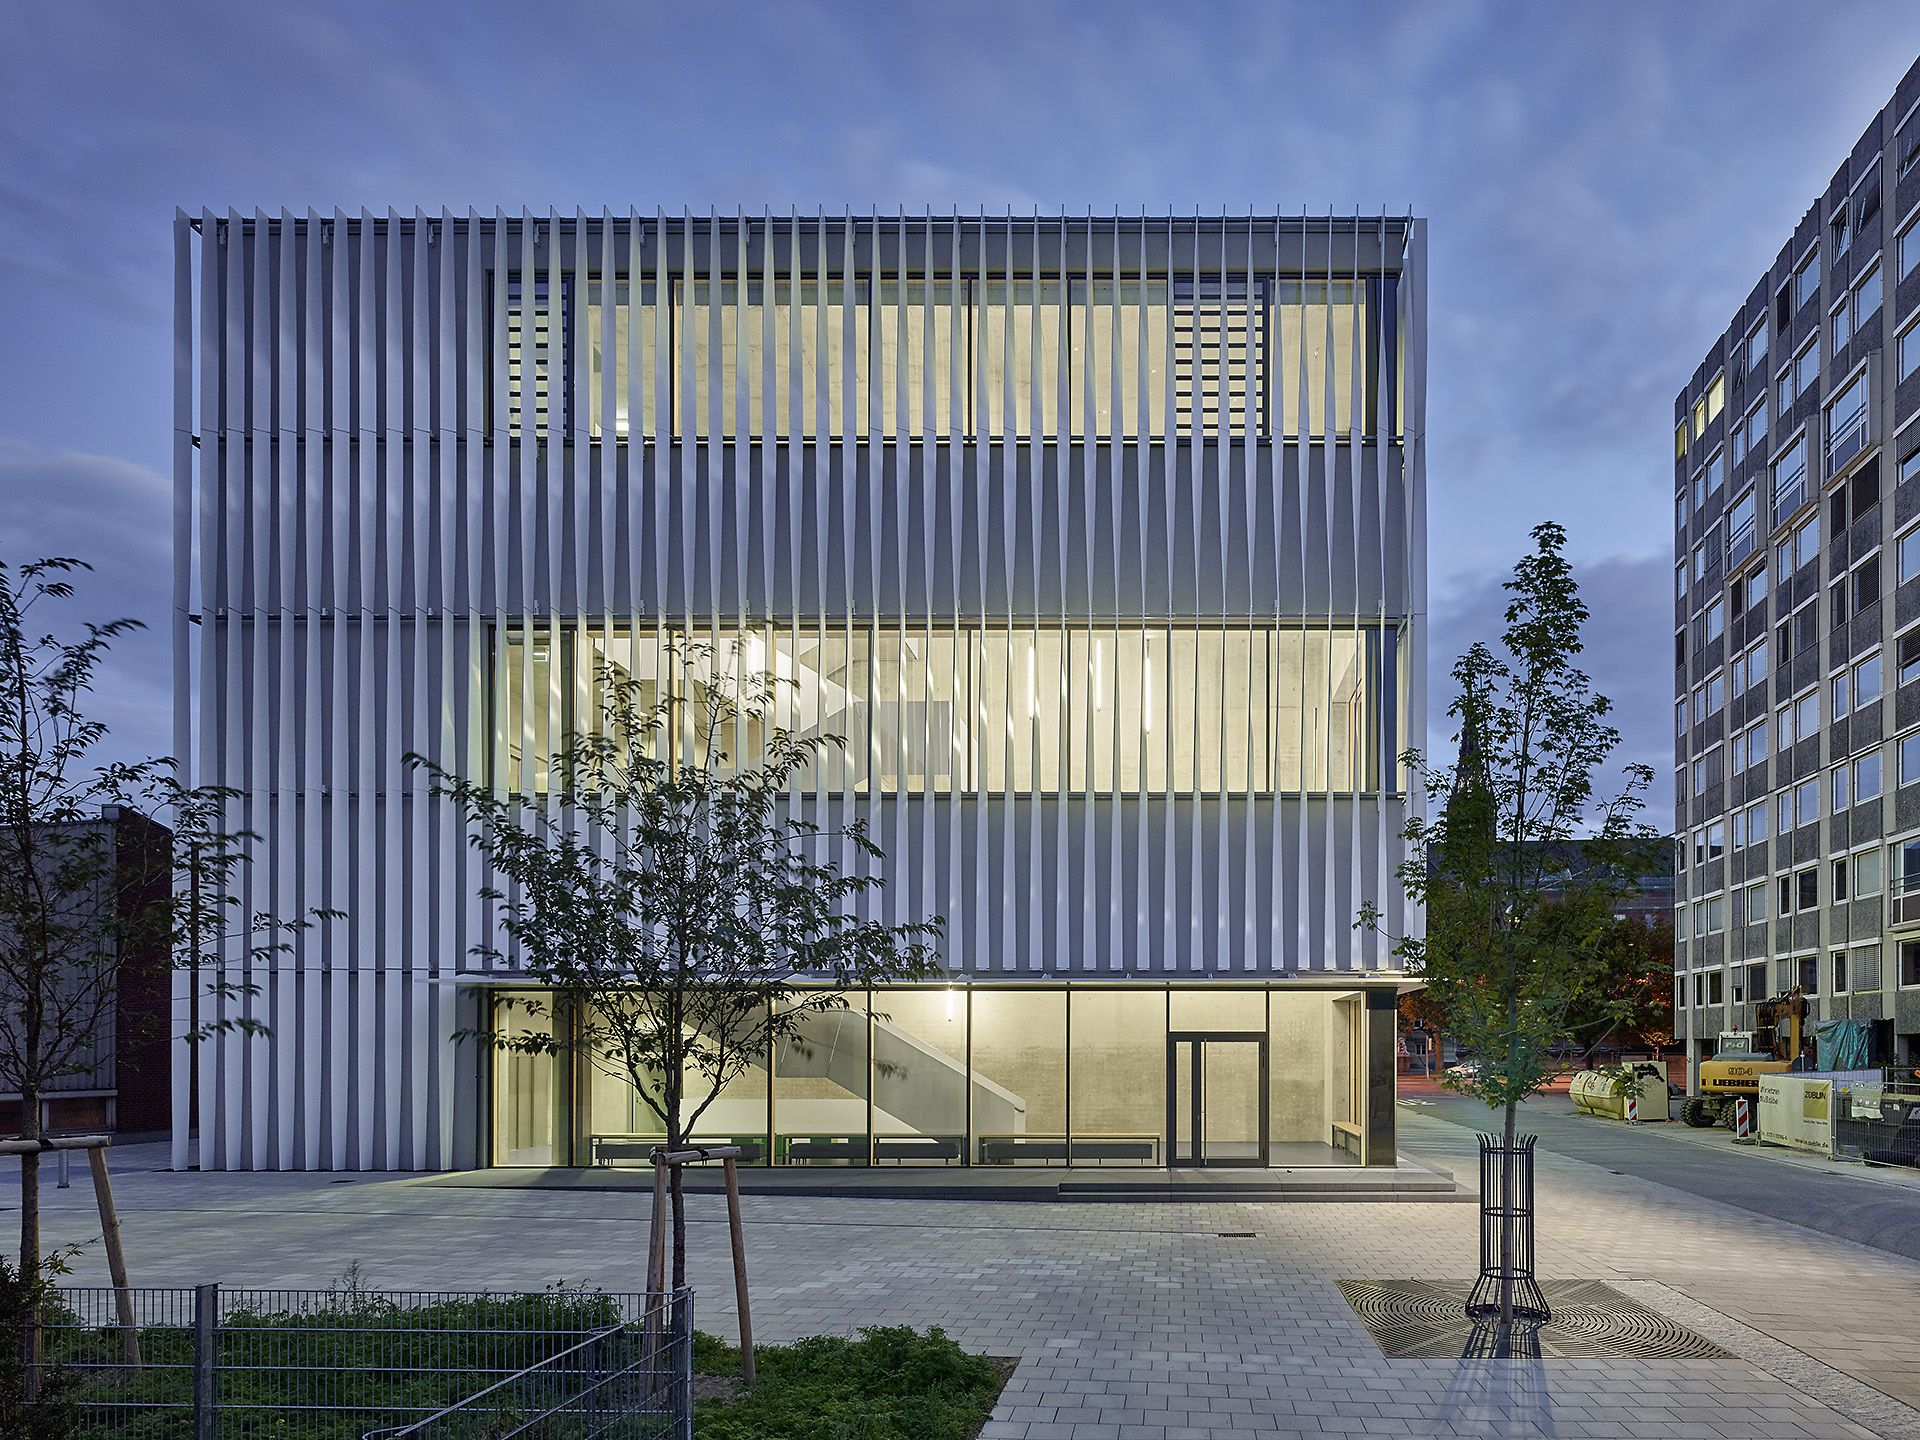 Construido en 2015 en Ulm, Alemania. Imagenes por Zooey Braun. Debido a la prestigiosa integración en el planeamiento urbano, el pabellón deportivo constituye un preludio o punto final en el plantel escolar. Un...